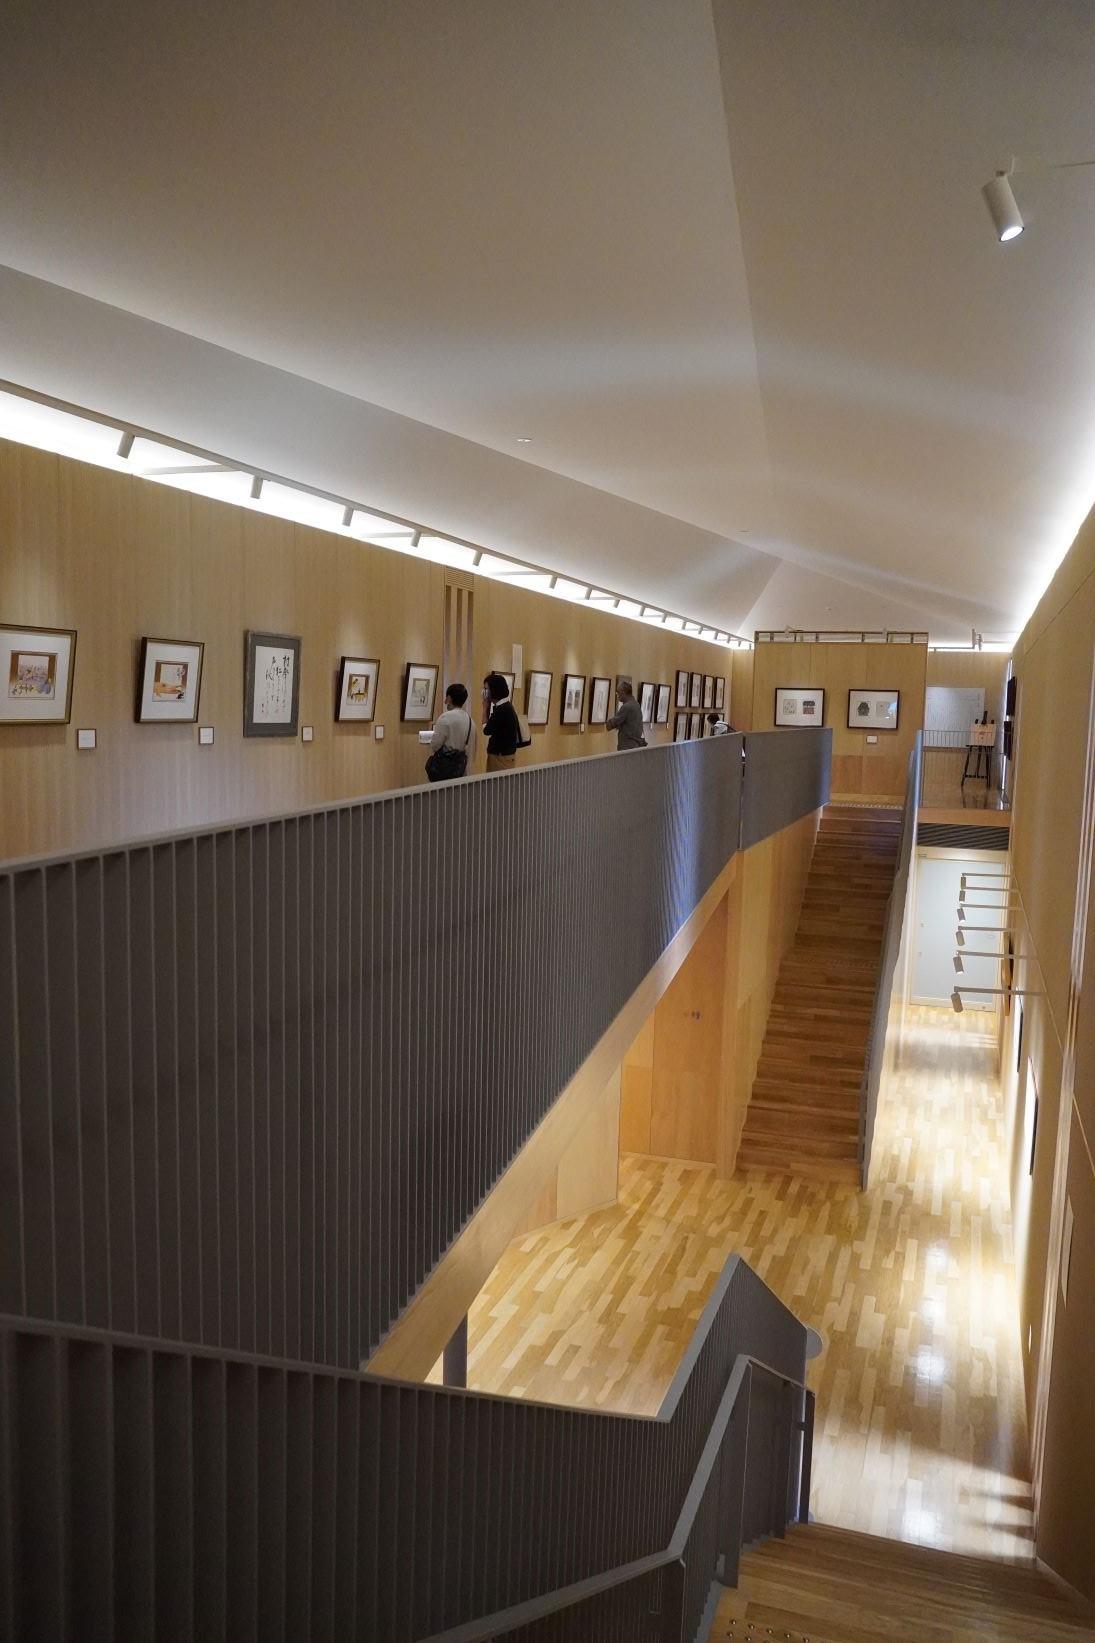 安藤忠雄設計の空間に安野光雅の作品が並ぶ美術館